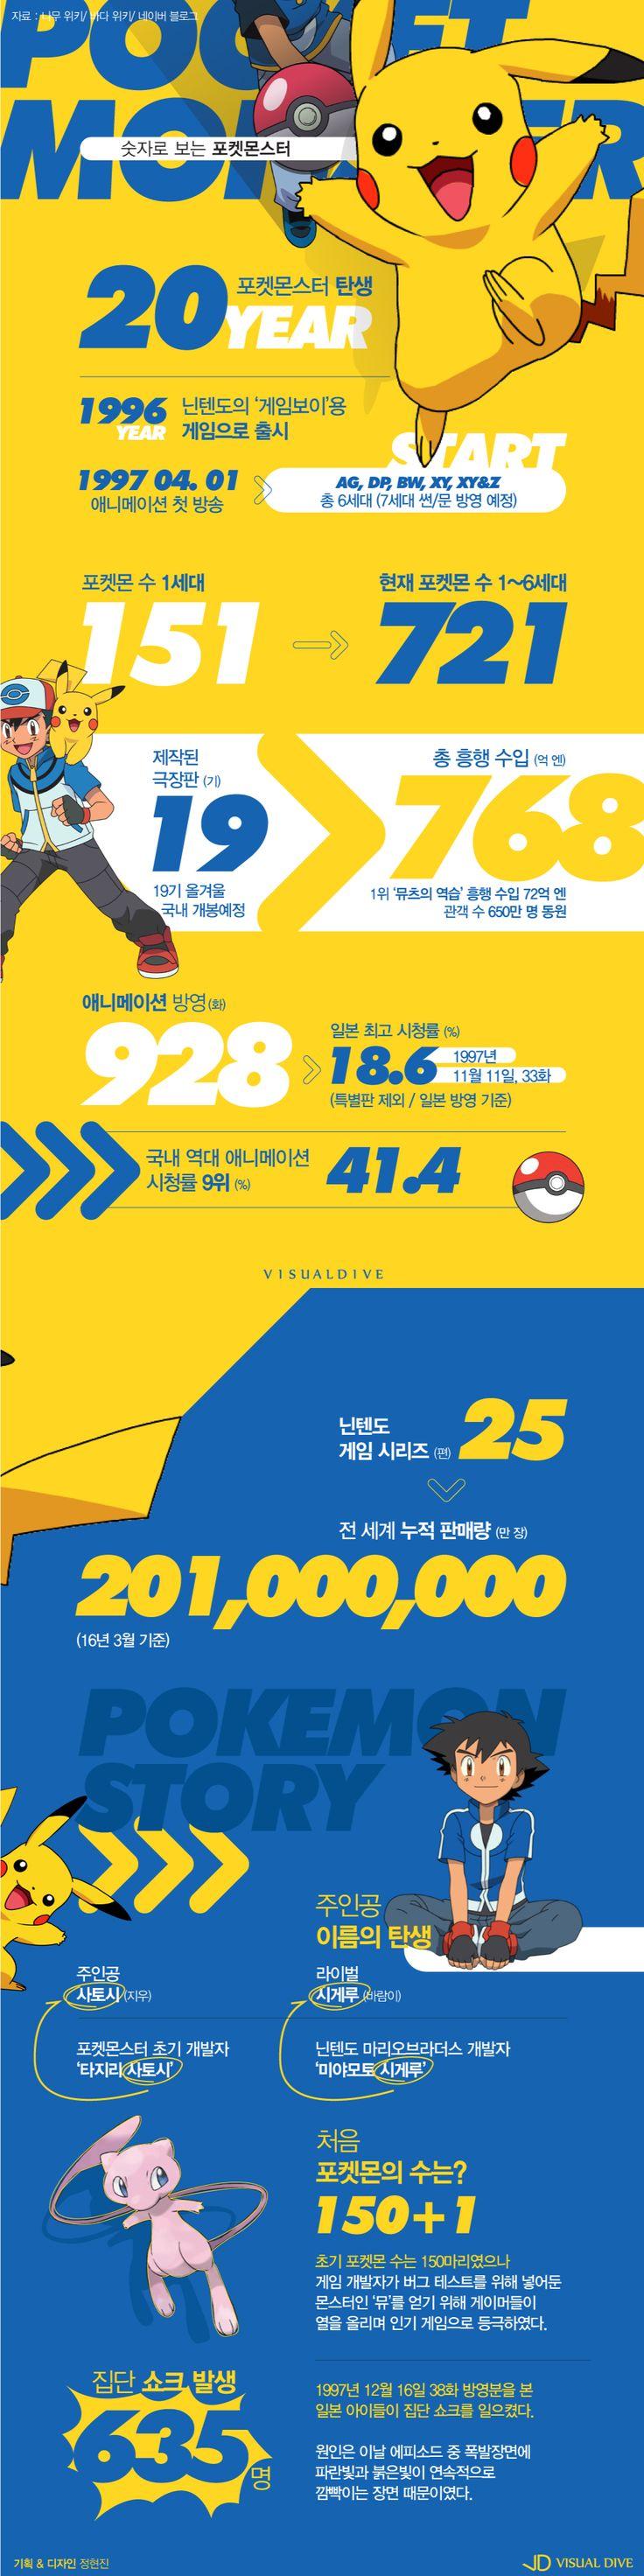 """""""탄생 20년"""" 숫자로 알아보는 포켓몬스터의 모든 것 [인포그래픽] / pocketmonster / #Infographic ⓒ 비주얼다이브 무단…"""